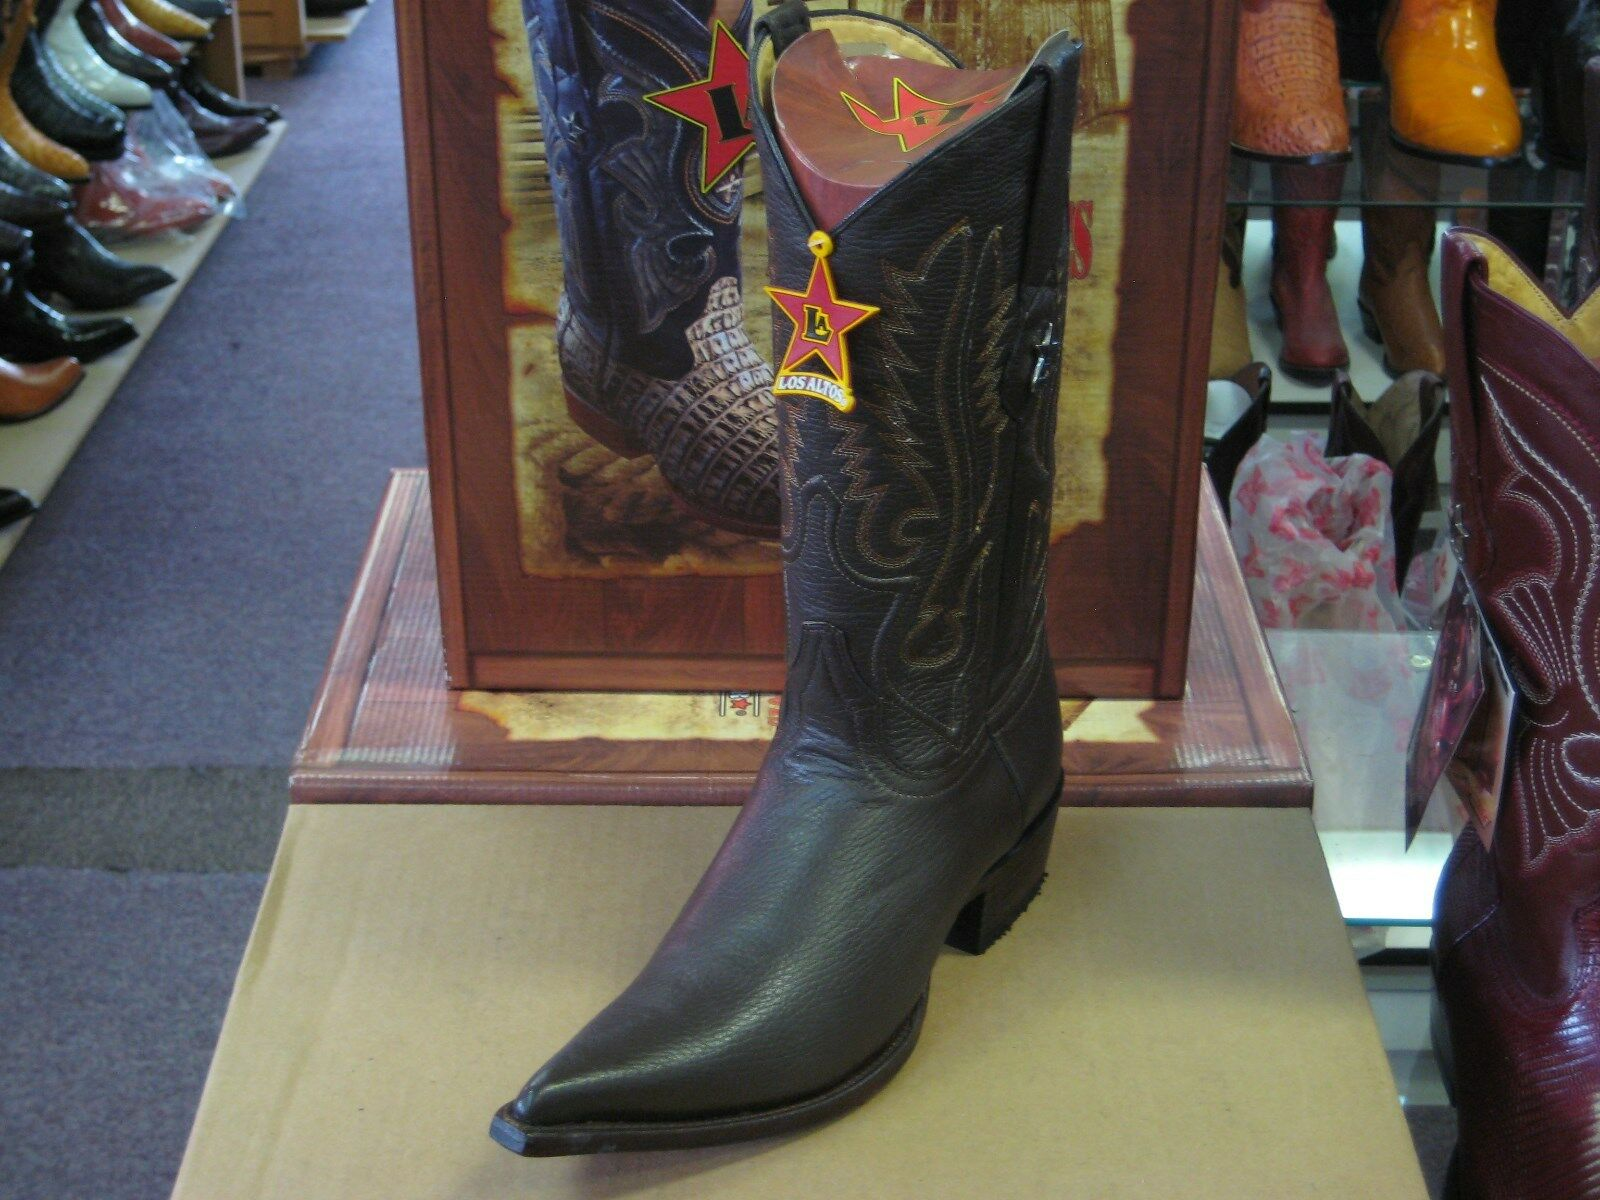 LOS ALTOS Marrón 3X-TOE Original Bota de ciervo Western Cowboy (D) 95DV8307